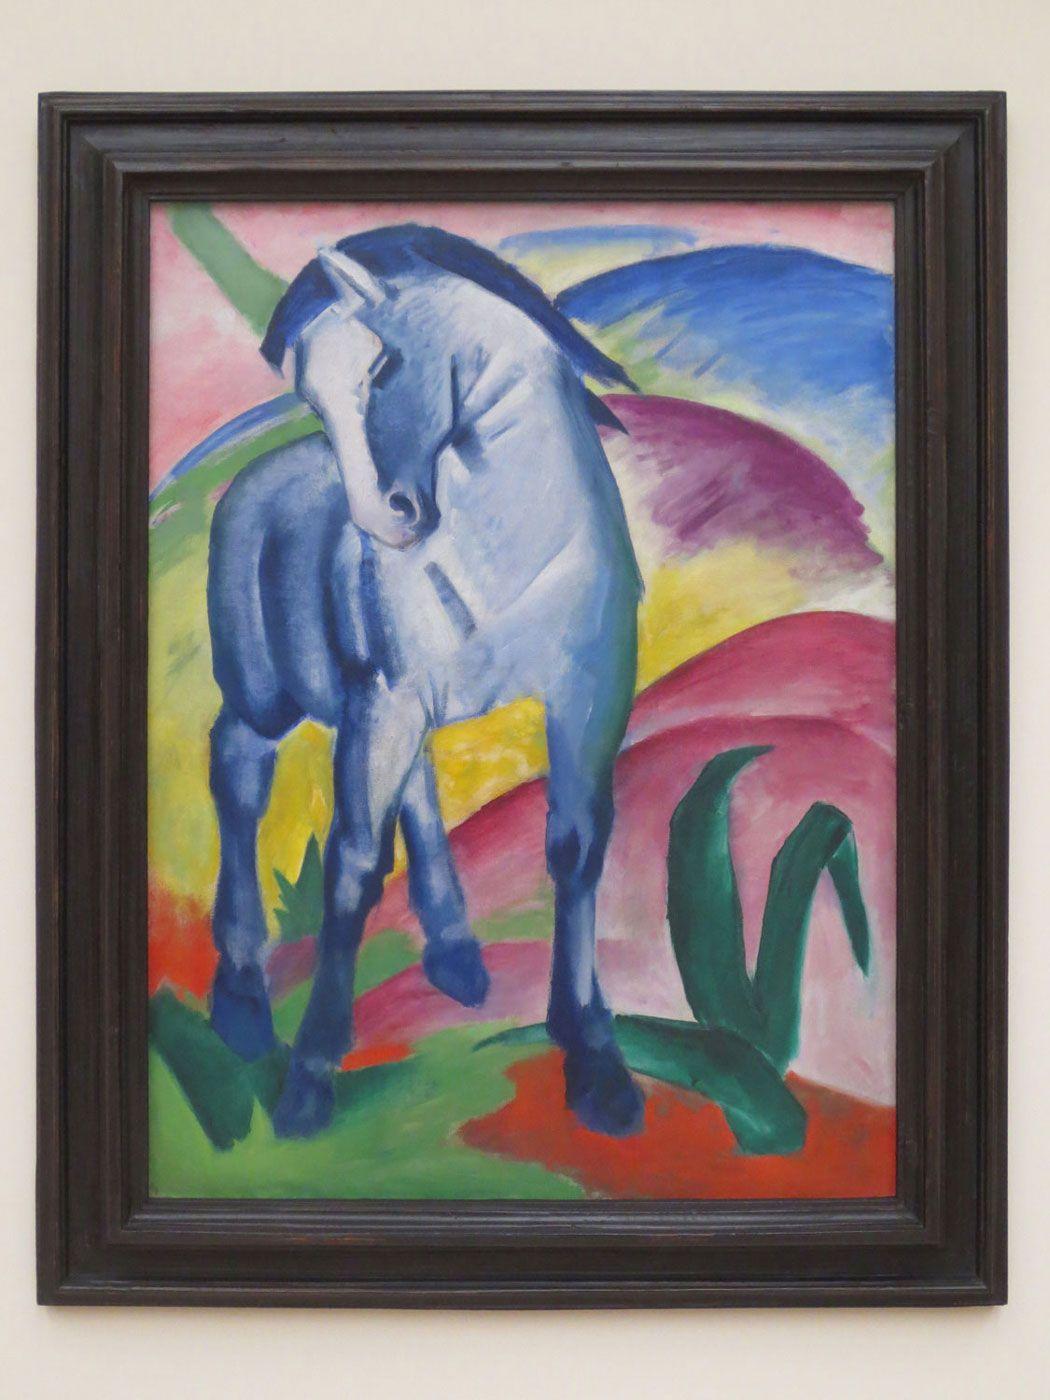 Franz Marc, Blaues Pferd I, 1911 #franzmarc #blauespferd #bluehorse #blauerreiter #expressionismus #expressionism #modernart